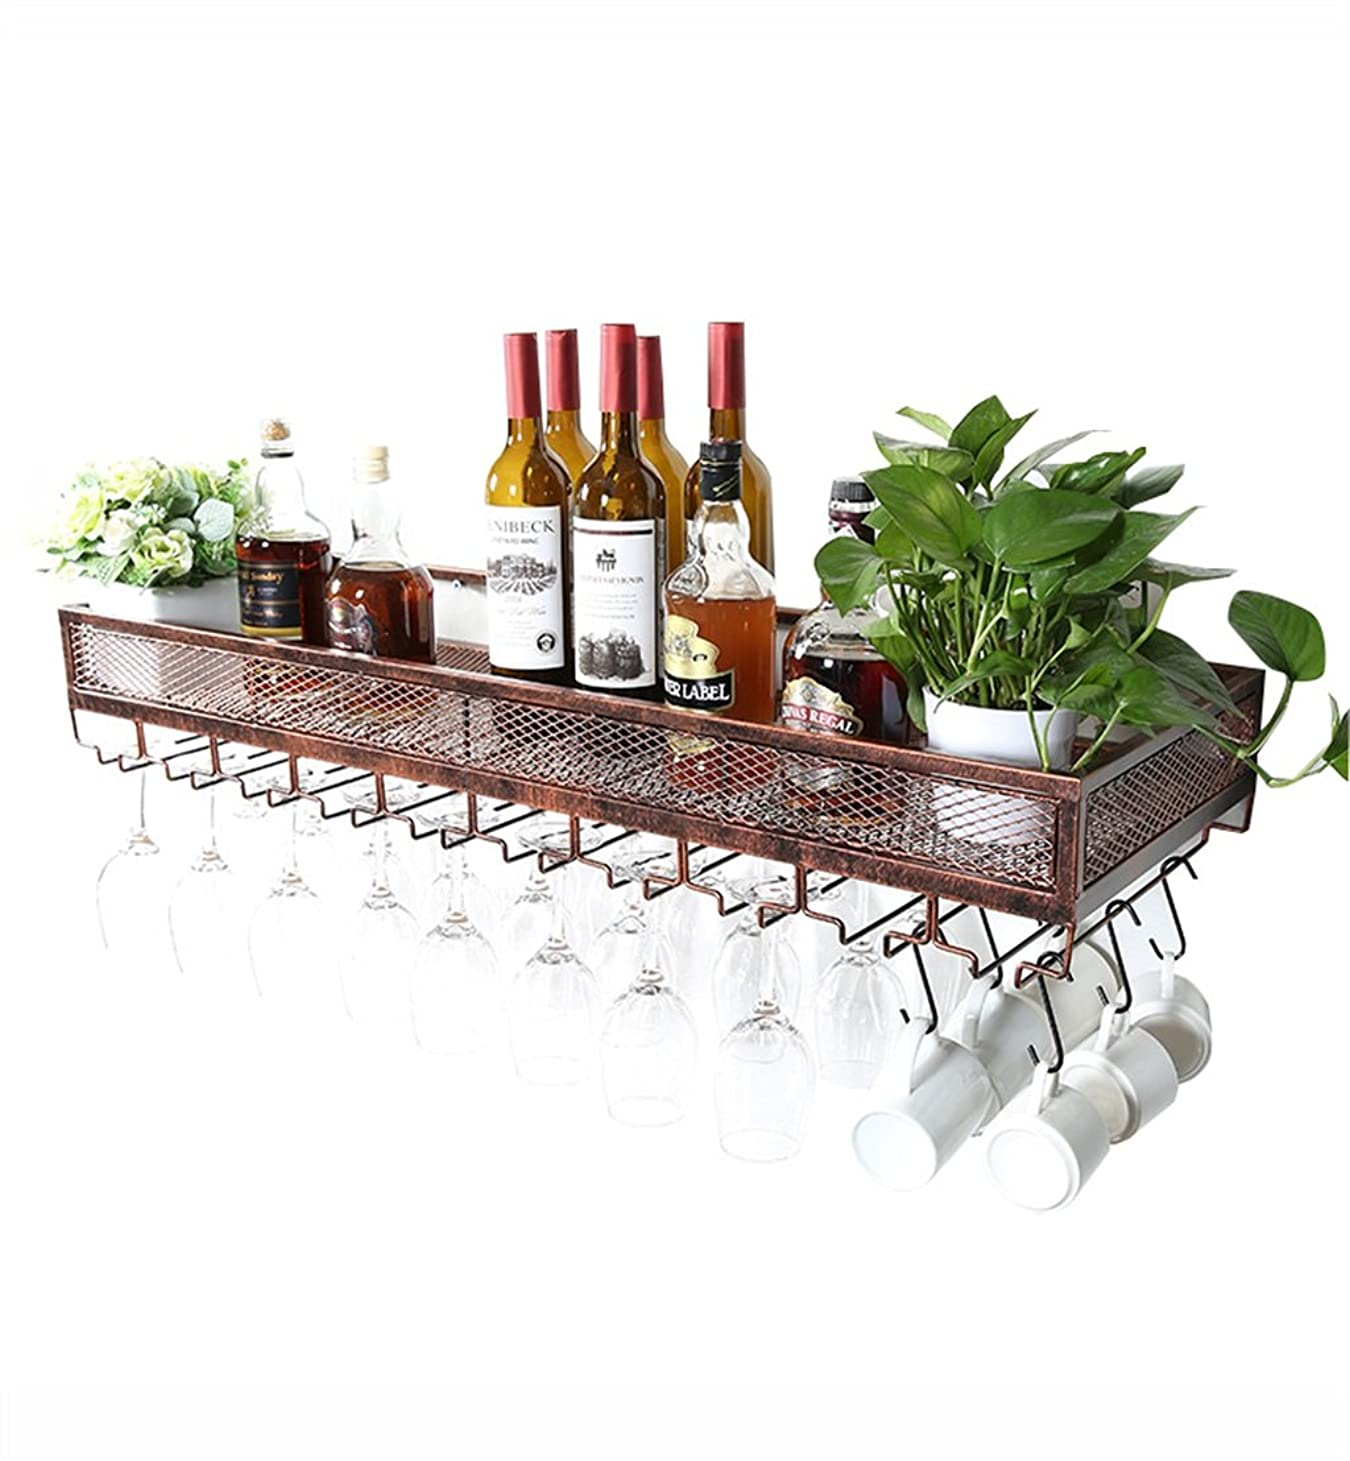 哲学的液体同化するLANN ワインラック、メタルレトロ ベクターイラスト  CLIPARTOワインボトルラックワイングラスラックアンティークワインラック壁ワインキャビネット (色 : ブロンズ, サイズ さいず : 120cm)